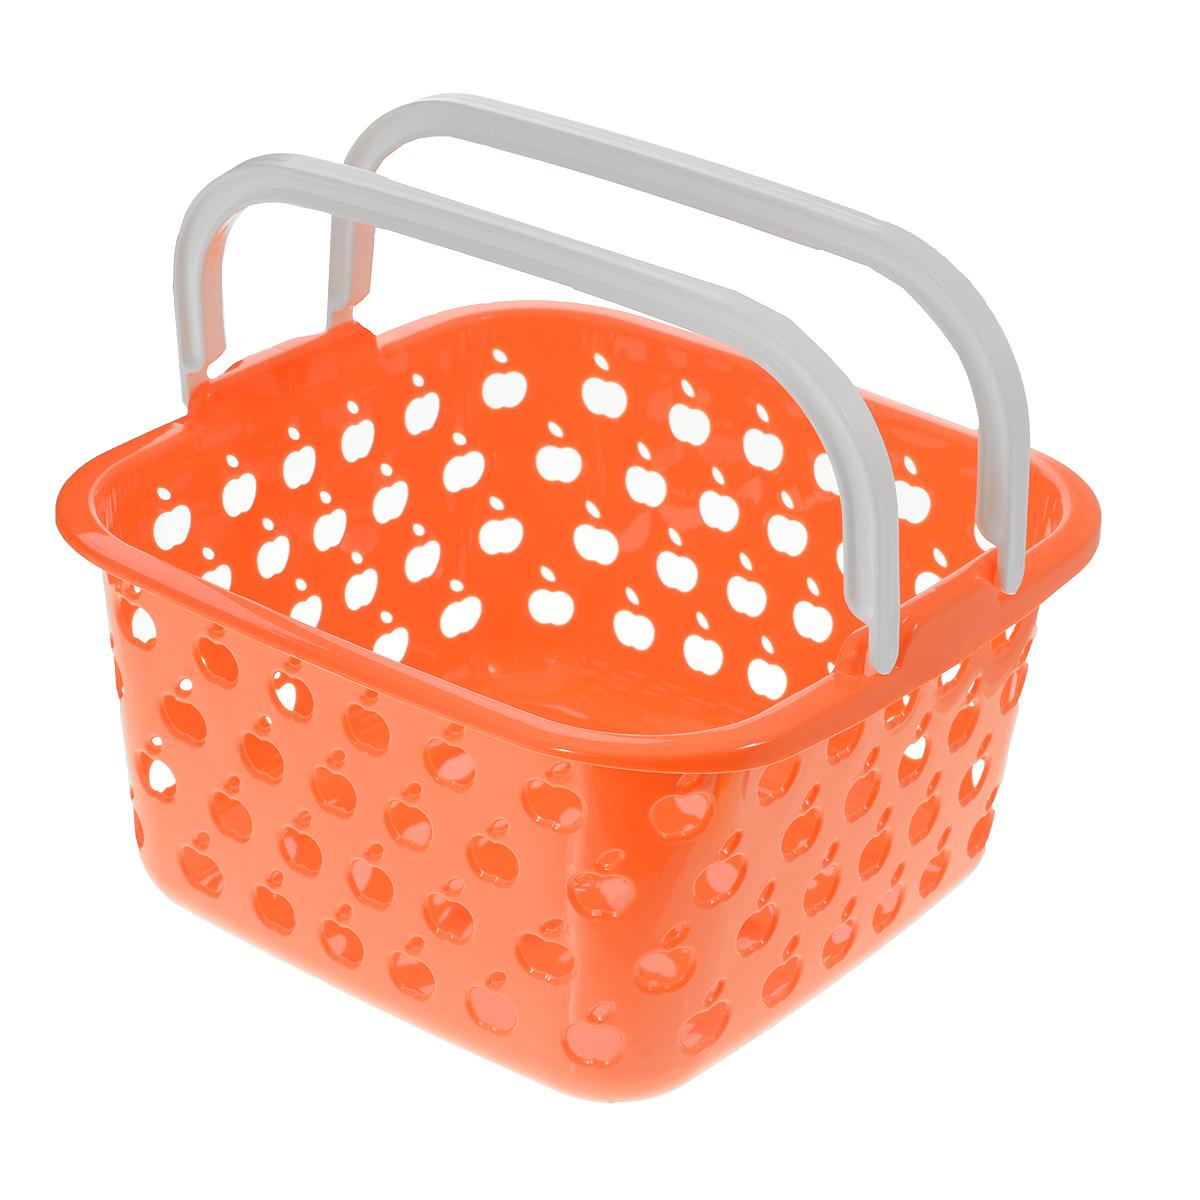 Корзина Полимербыт Стайл, цвет: оранжевый, 4 лС833Квадратная корзина Полимербыт Стайл изготовлена из высококачественного цветного пластика и декорирована перфорацией в виде яблок. Она предназначена для хранения различных мелочей дома или на даче. Для удобства переноски имеется специальная ручка. Позволяет хранить мелкие вещи, исключая возможность их потери. Корзина очень вместительная. Элегантный выдержанный дизайн позволяет органично вписаться в ваш интерьер и стать его элементом.